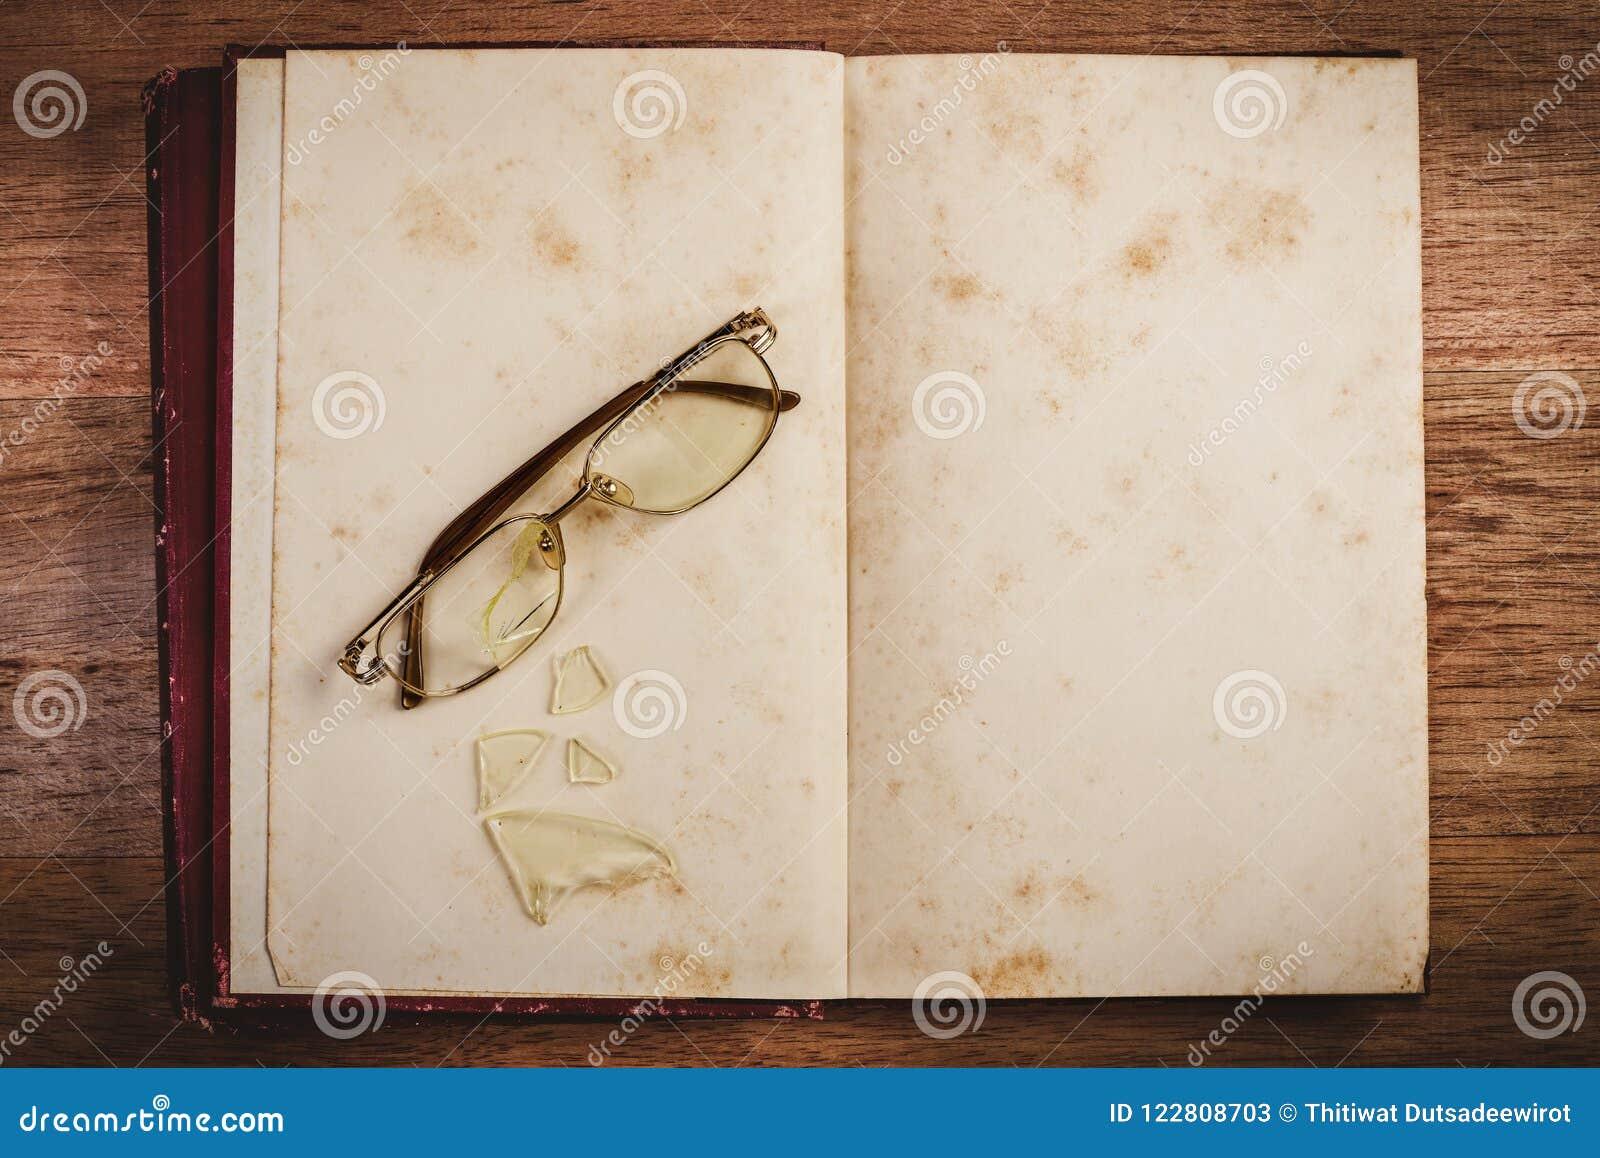 Book broken open